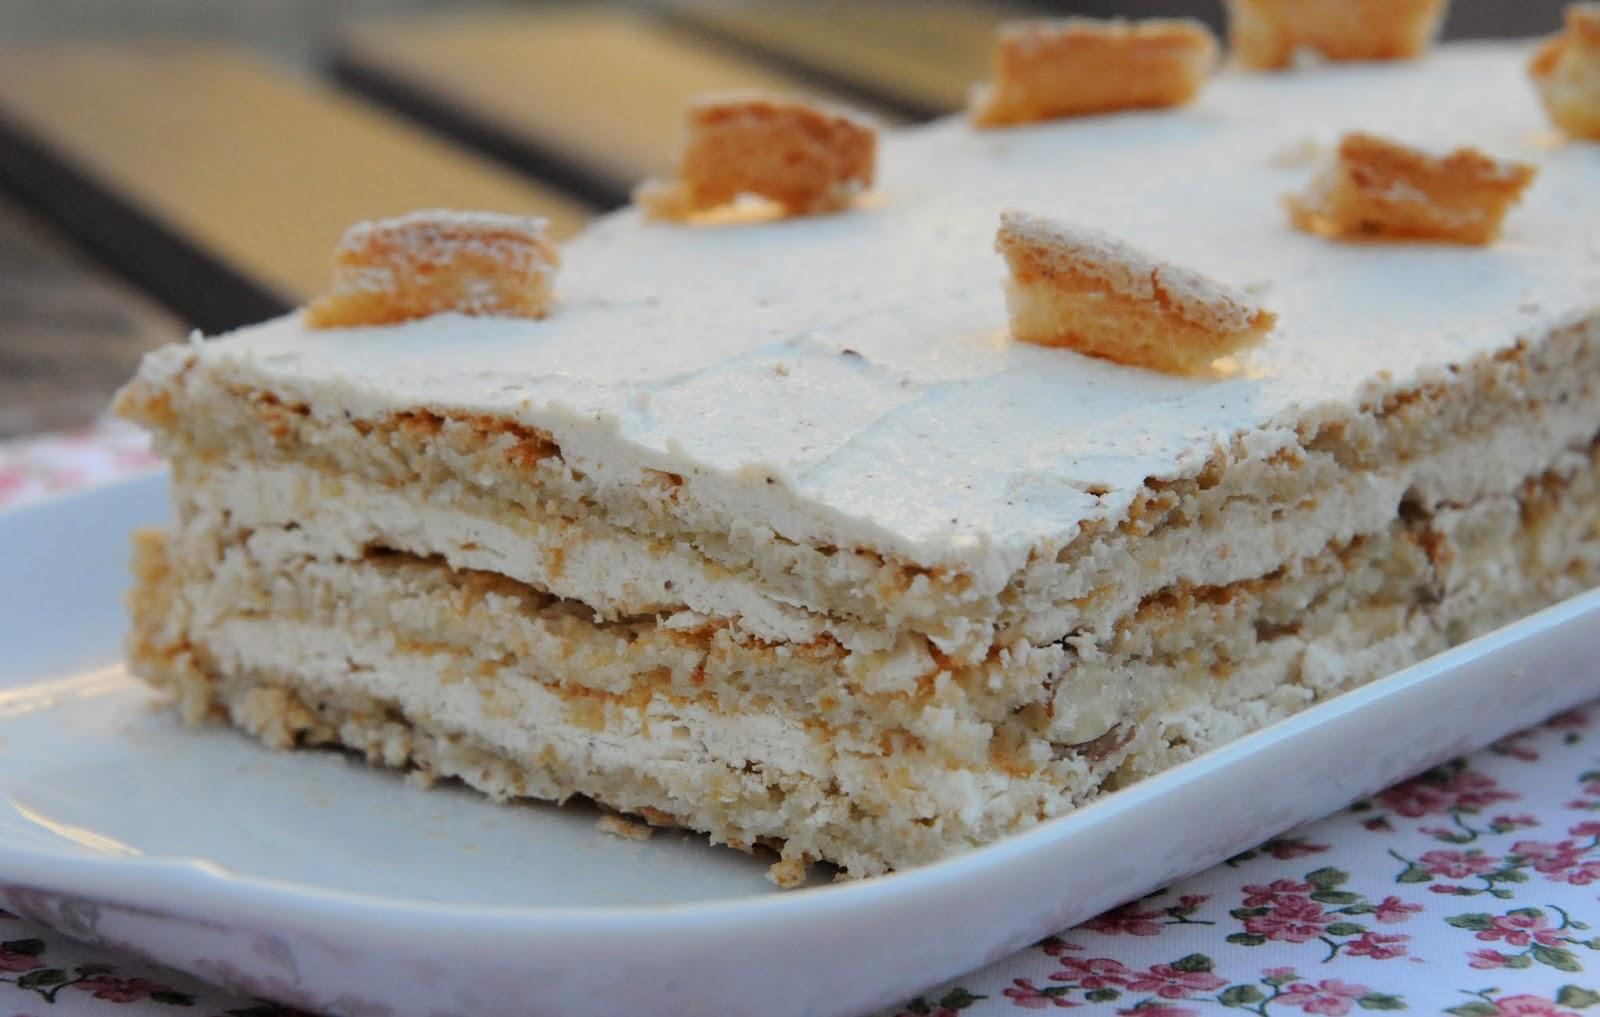 Cette recette, je la tiens d\u0027un cours de pâtisserie que j\u0027ai pris à  l\u0027Atelier de Georgiana. C\u0027est le gâteau idéal pour écouler les blancs  d\u0027oeufs.